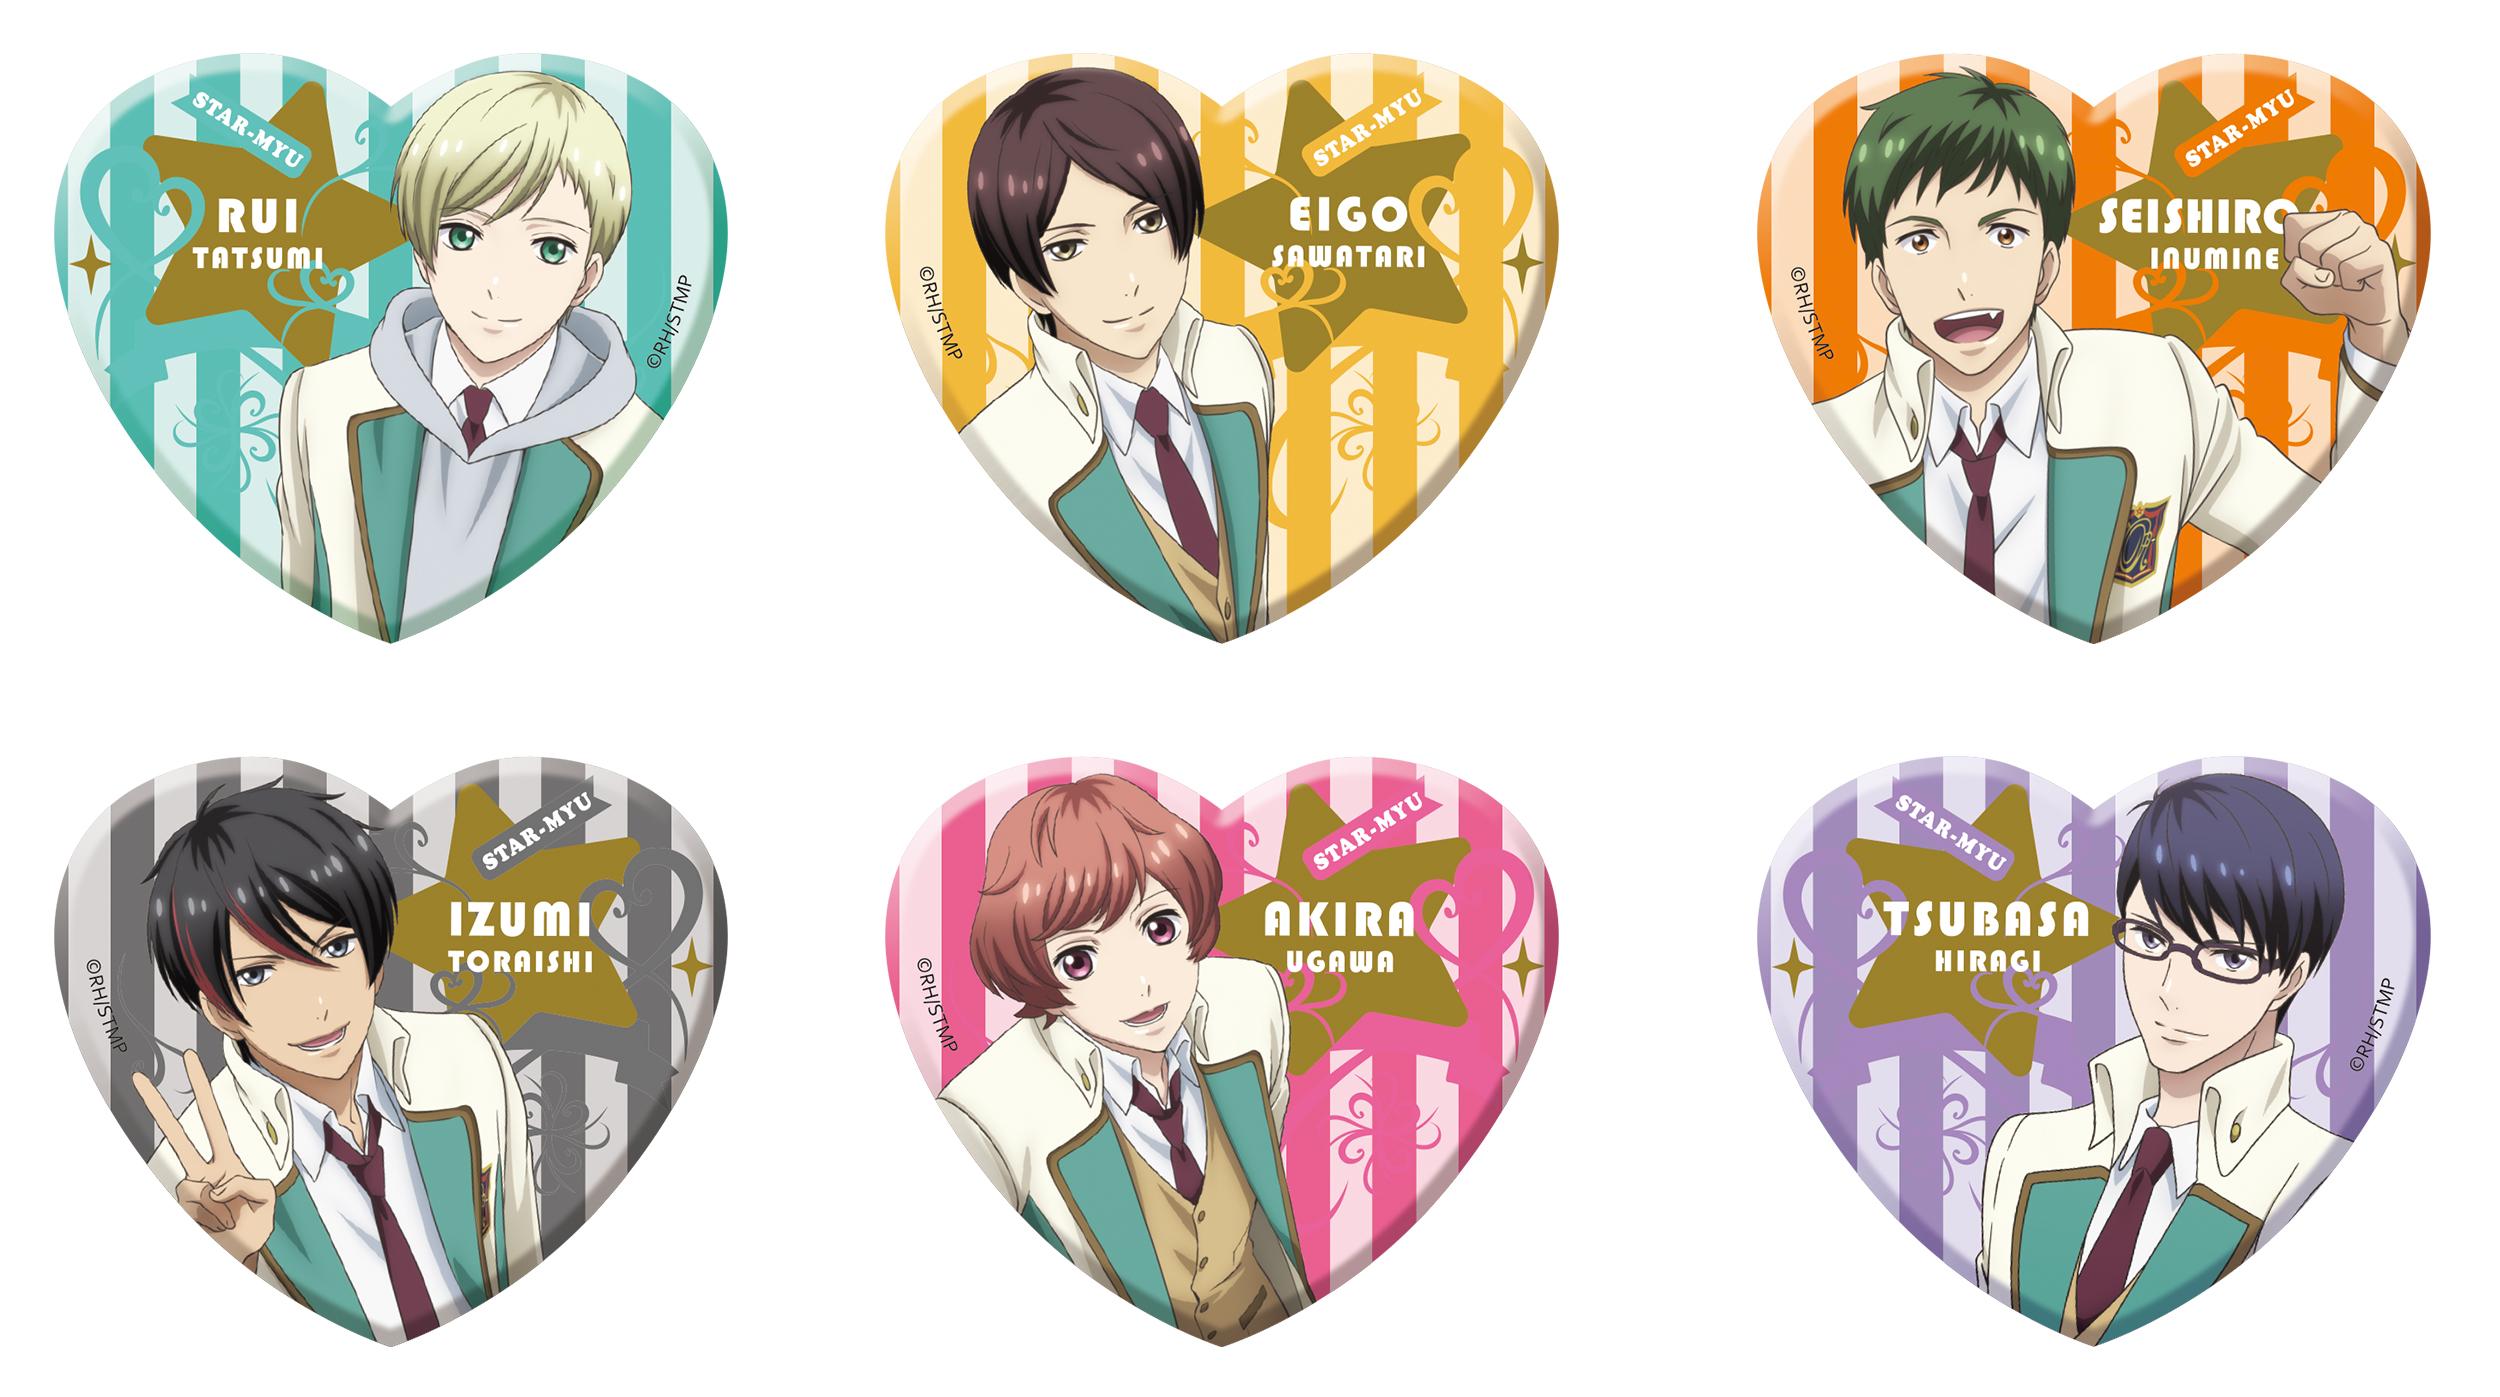 team柊